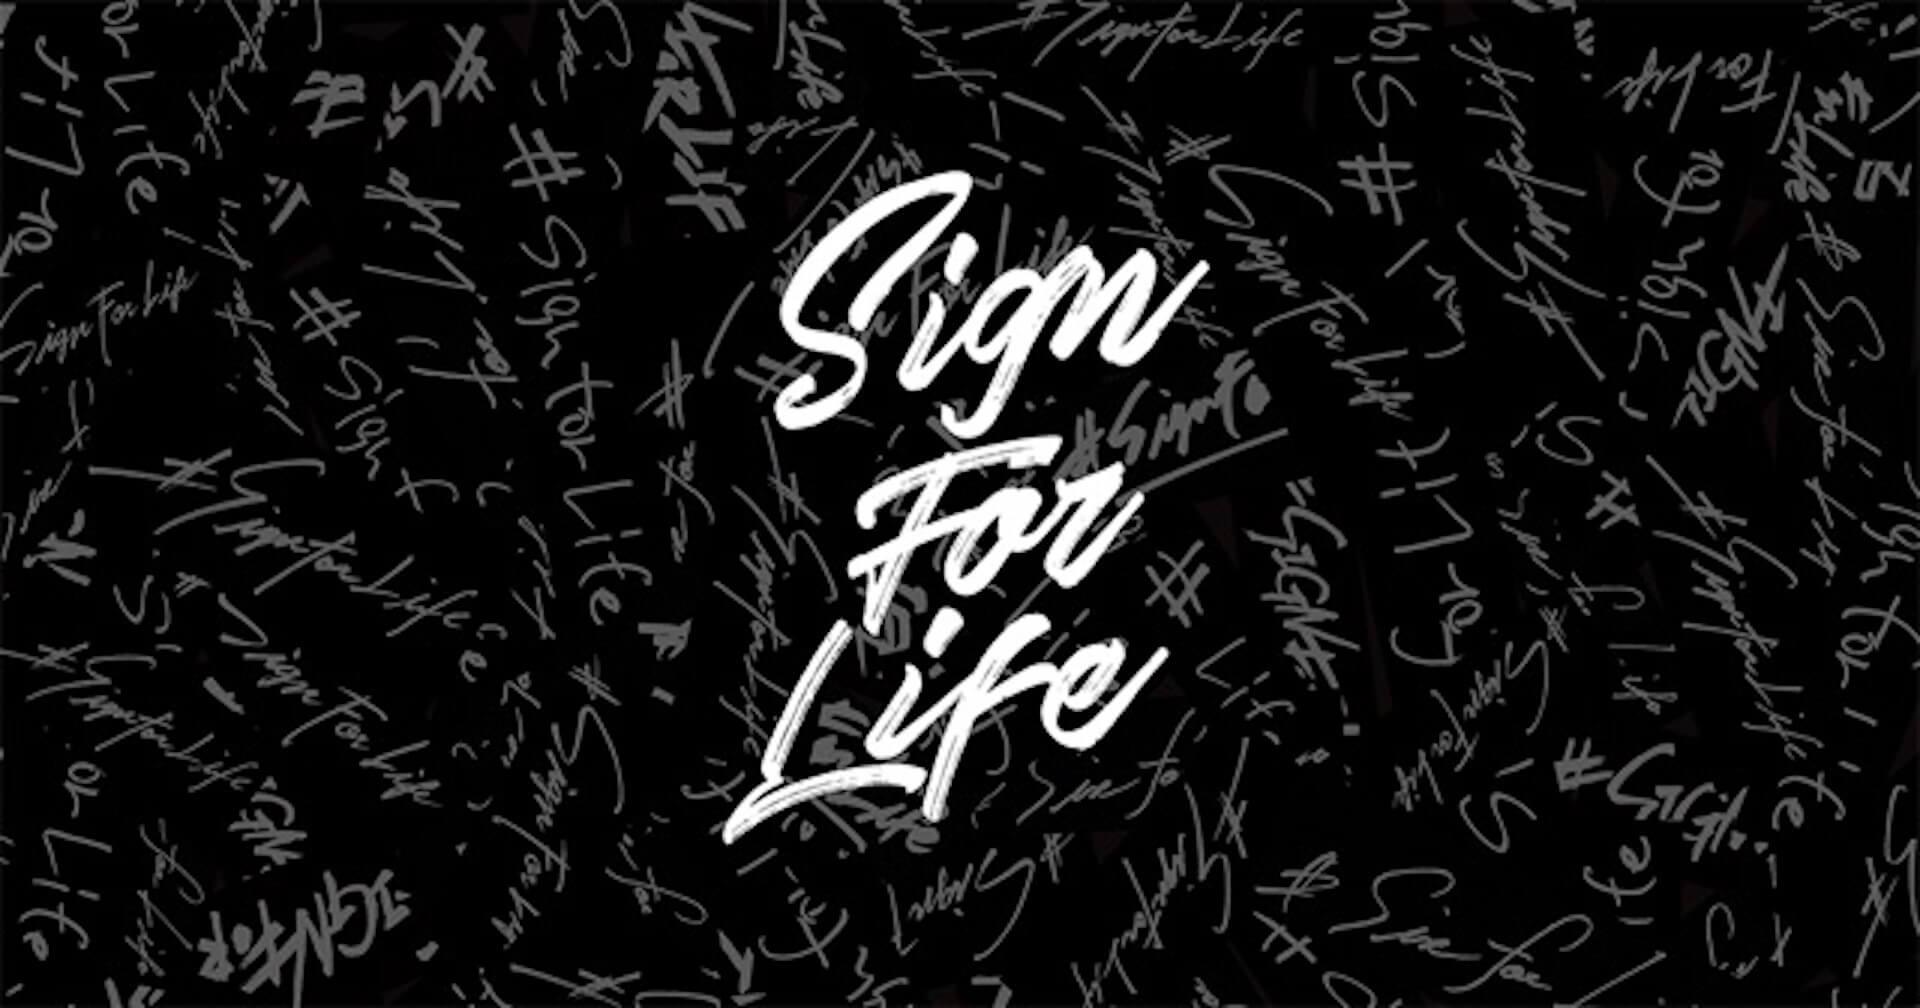 新型コロナウイルス感染症のワクチン開発・供給支援金の増額を求める署名活動「Sign For Life」が本日からスタート ac200403_signforlife_01